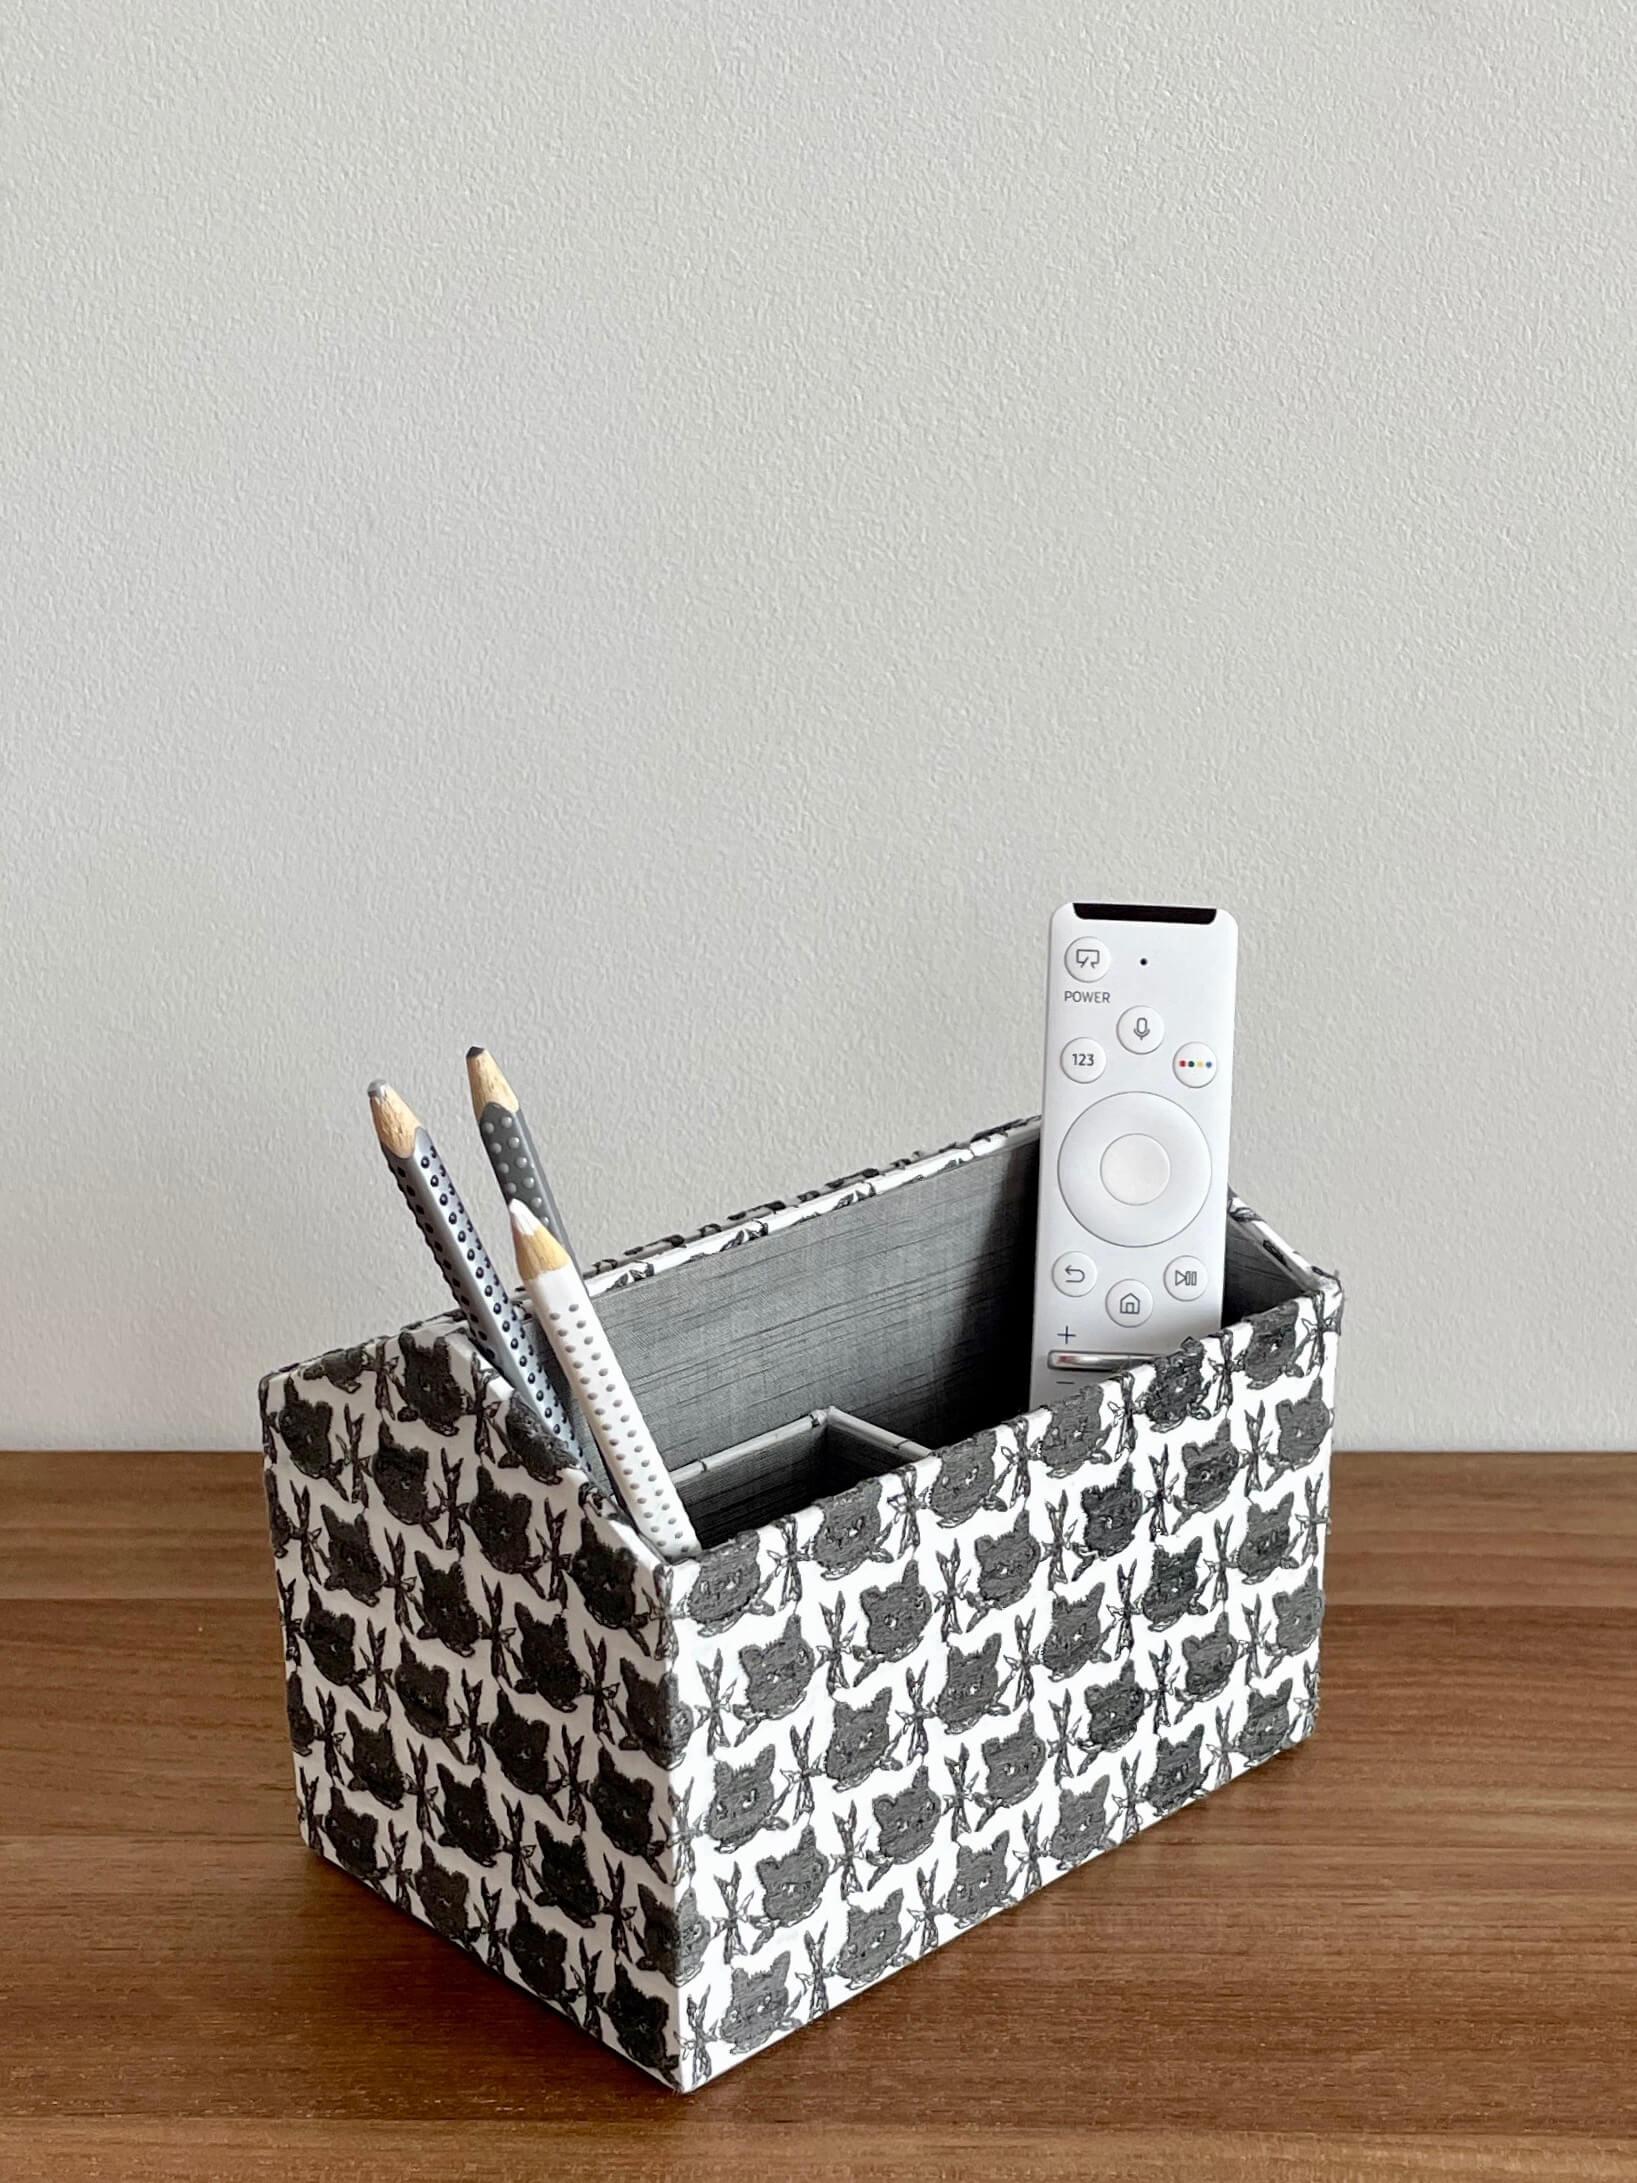 hacocco cartonnage desk organizer